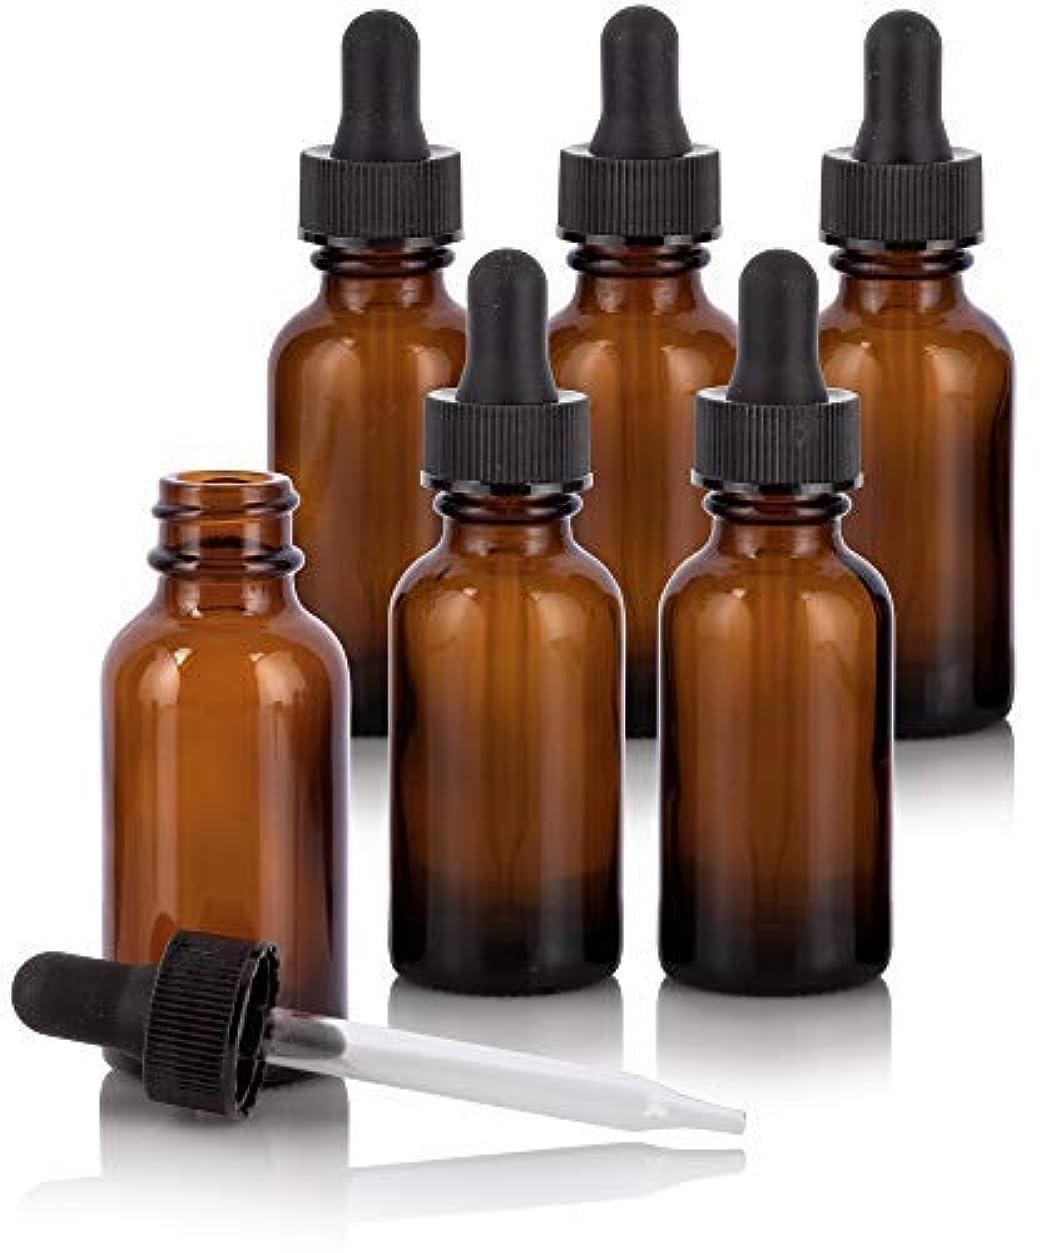 宮殿近似粒1 oz Amber Glass Boston Round Dropper Bottle (6 Pack) + Funnel and Labels for Essential Oils, Aromatherapy, e-Liquid...